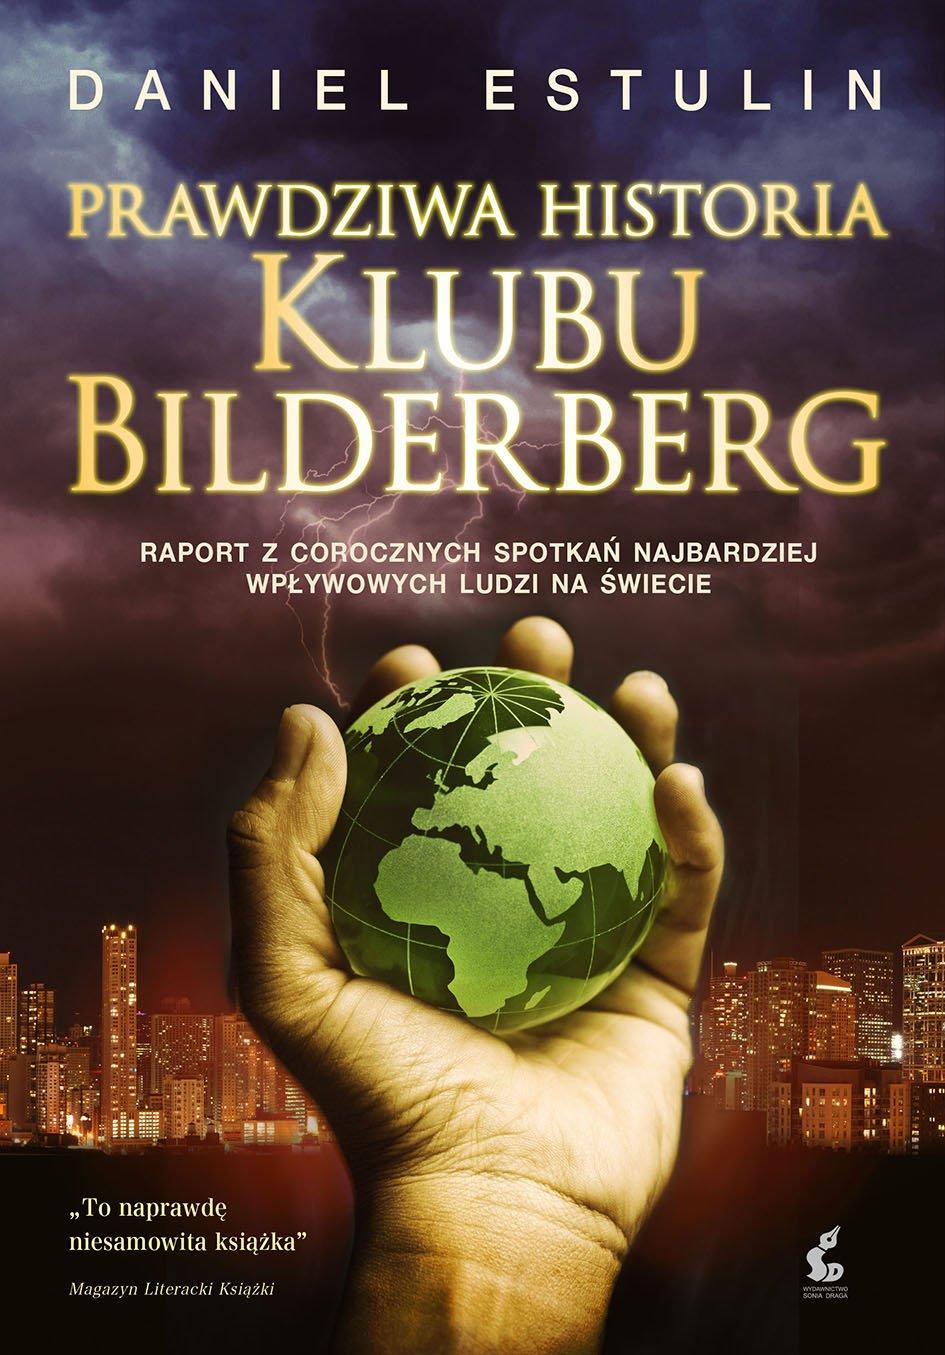 Prawdziwa historia Klubu Bilderberg - Ebook (Książka EPUB) do pobrania w formacie EPUB